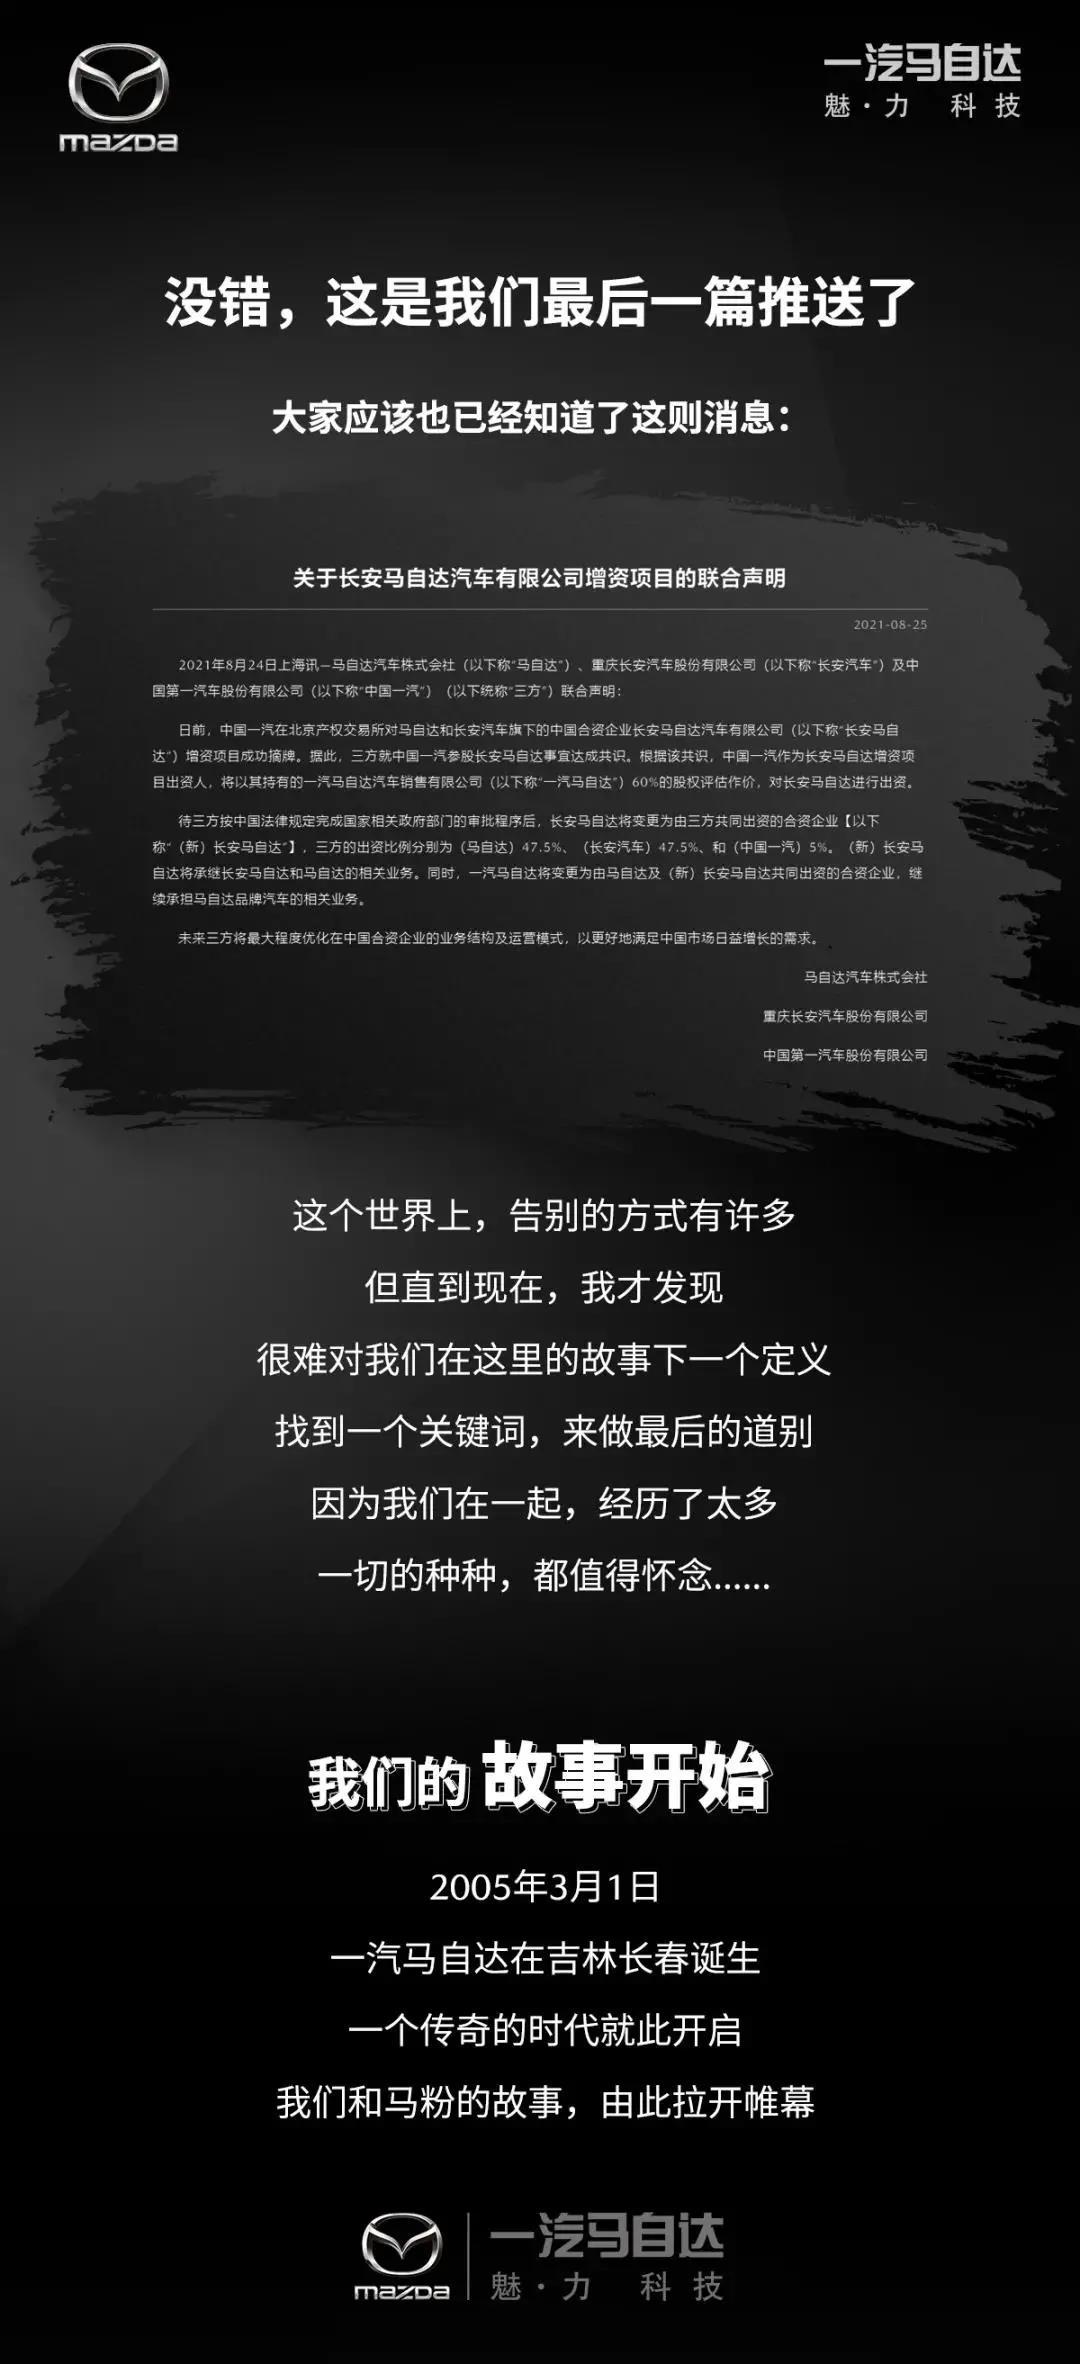 寰俊鍥剧墖_20210831105818.jpg